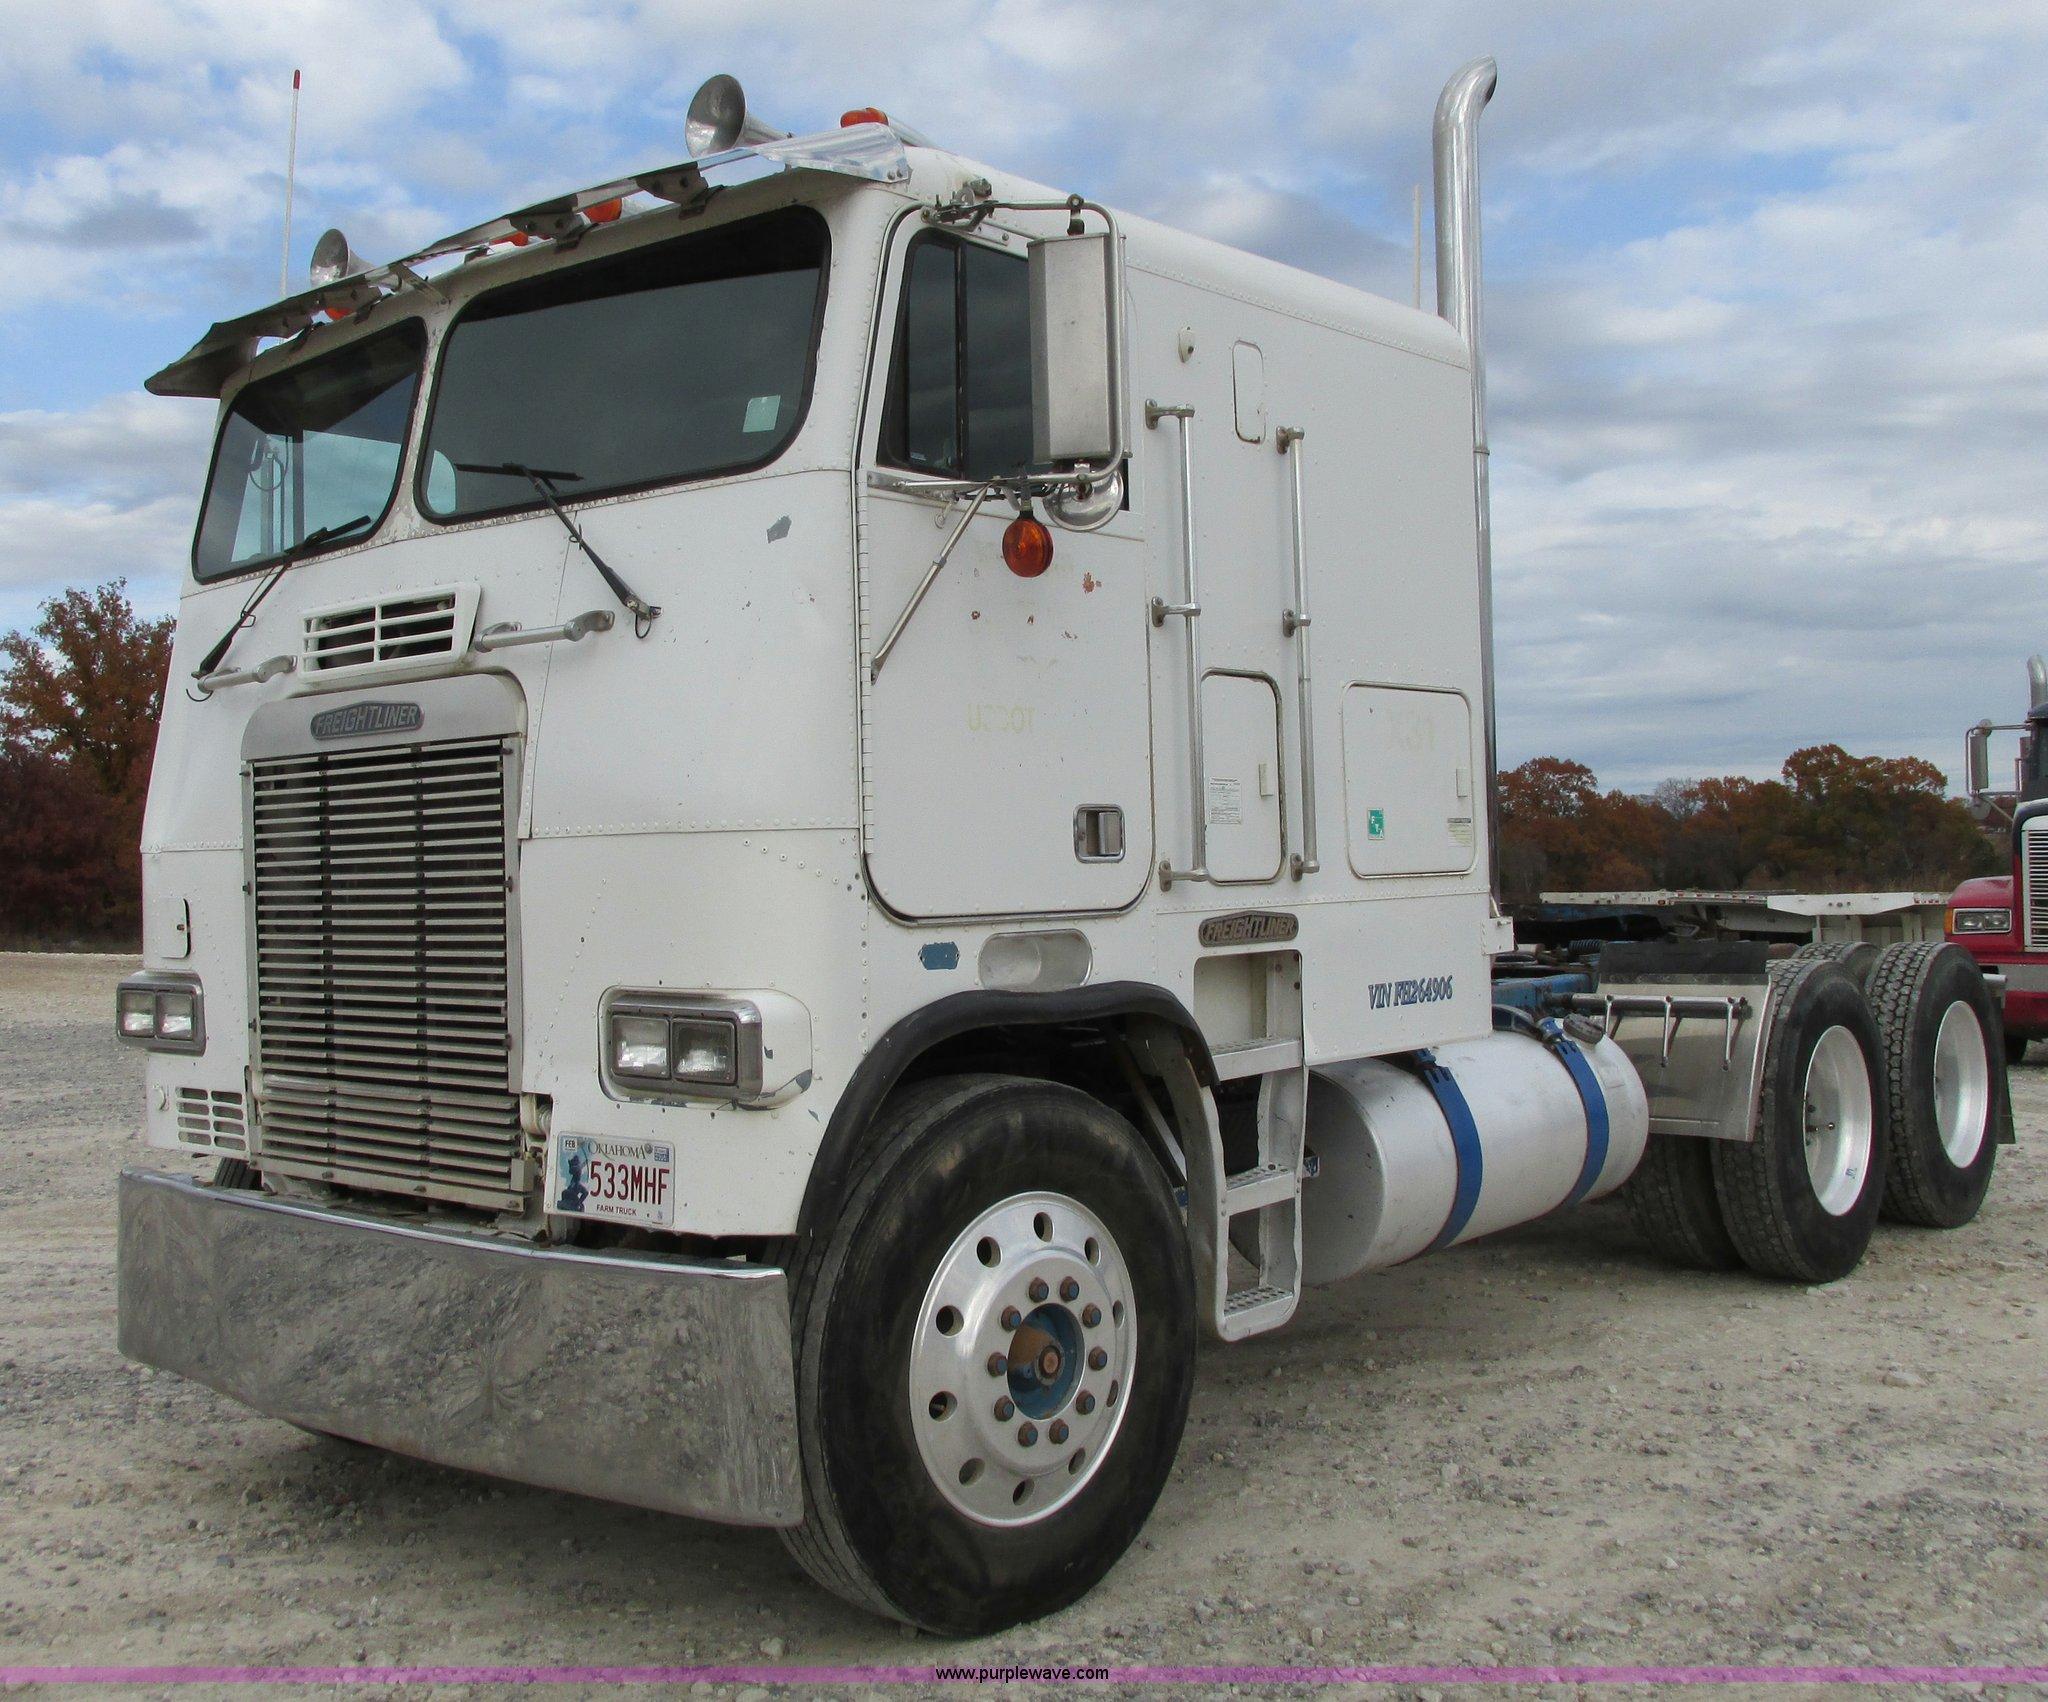 Freightliner Trucks For Sale In Oklahoma >> 1985 Freightliner Flt 10464t Semi Truck Item I4963 Sold